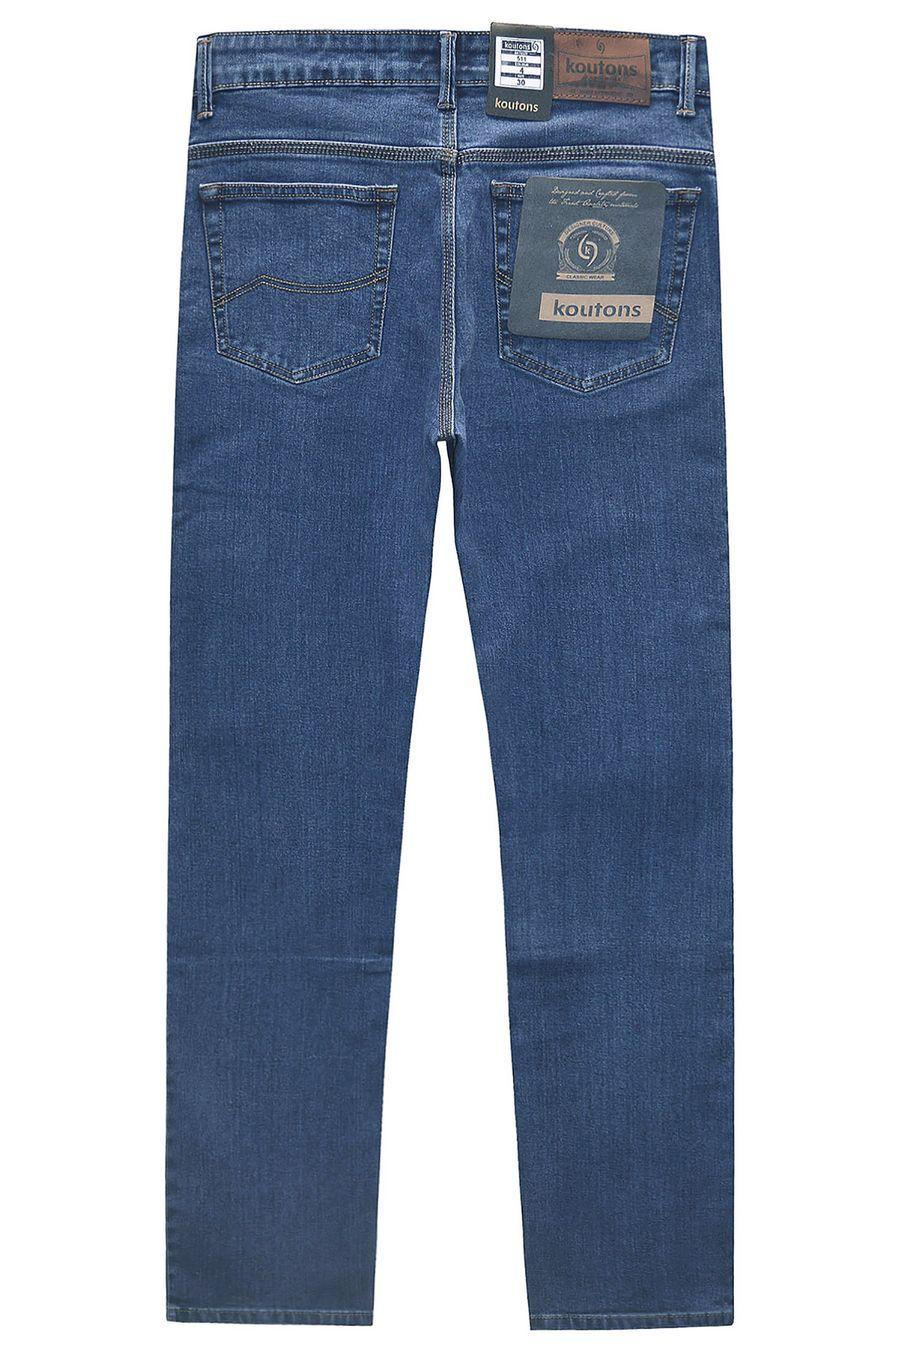 Джинсы мужские Koutons 511-4 Stretch Blue - фото 2